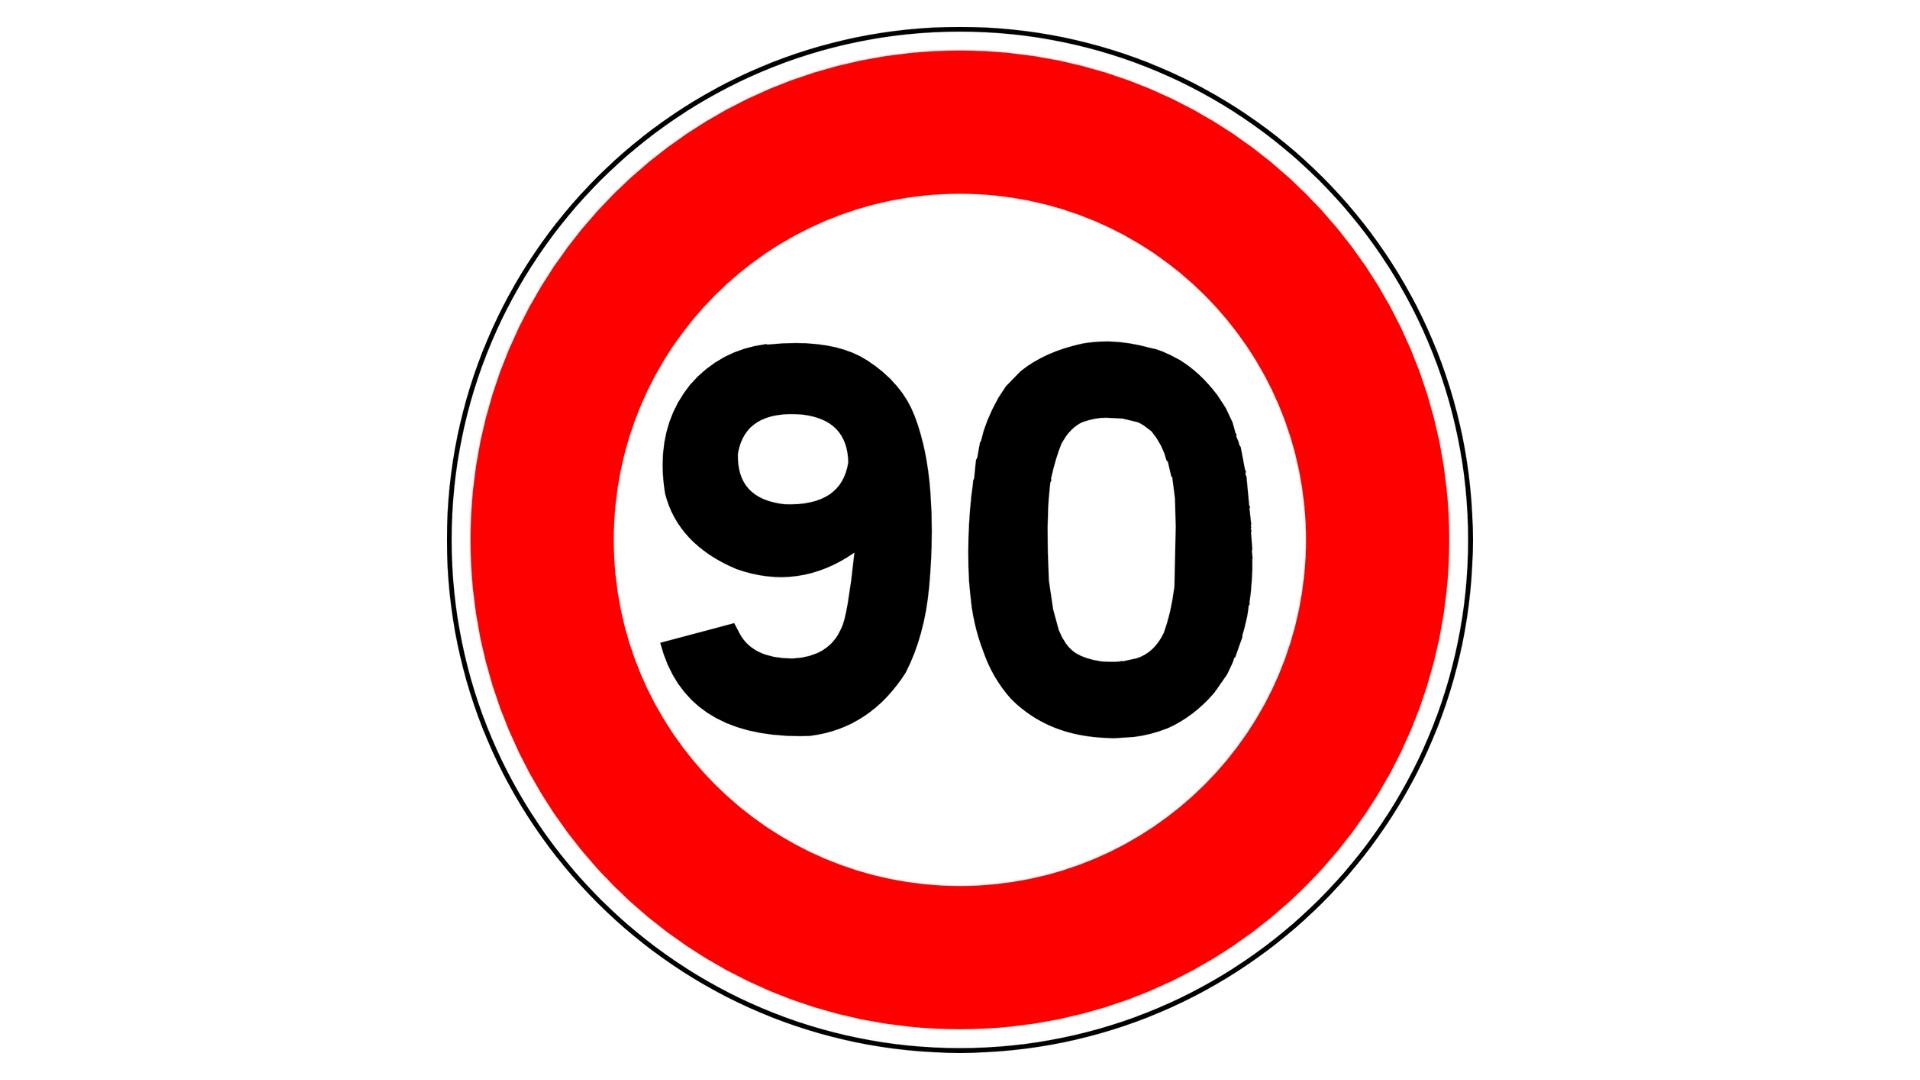 La reducción de velocidad a 90 kmhen las carreteras convencionales entra en vigor este martes 29 de enero1920